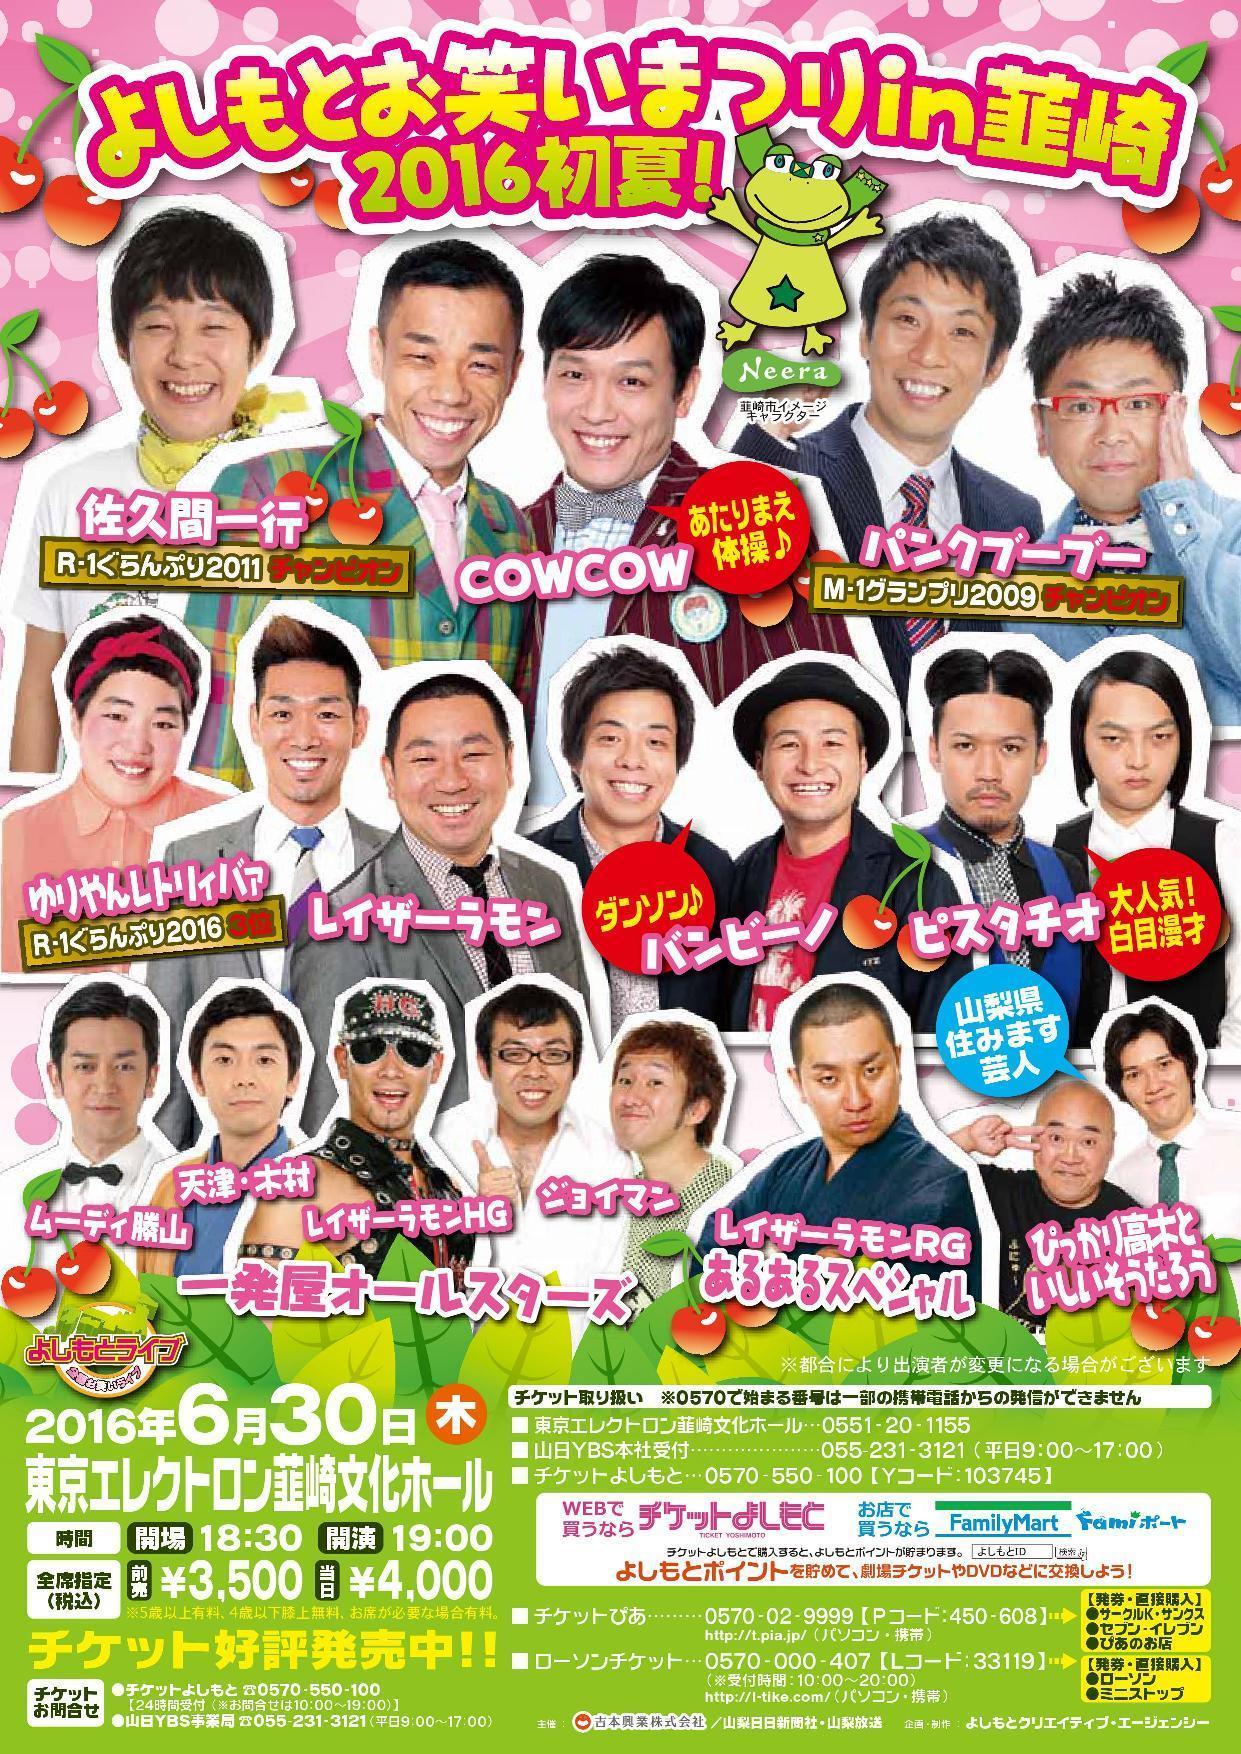 http://www.syumatsu.jp/20160616095143-e82513cefaff6a1debd039239fa75c35ad3bee0b.jpg